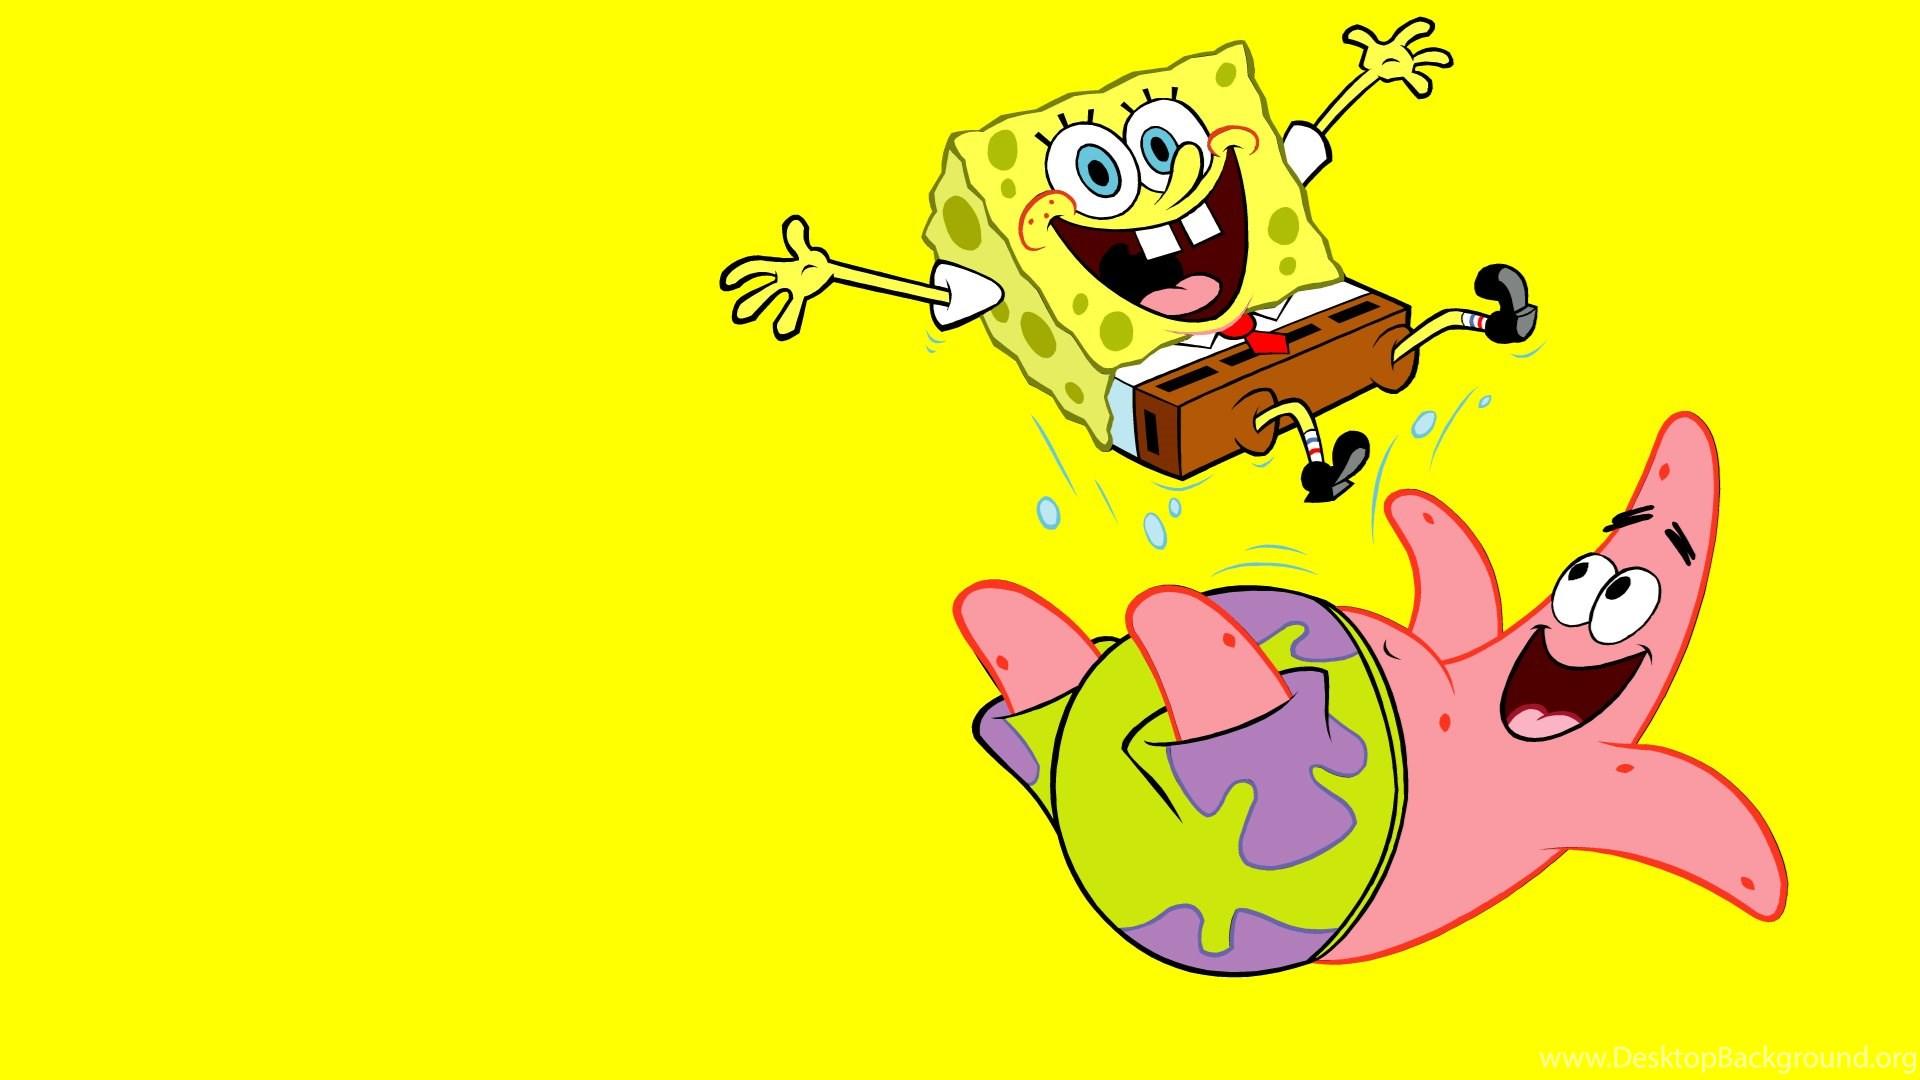 Wallpapers Spongebob Desktop Background